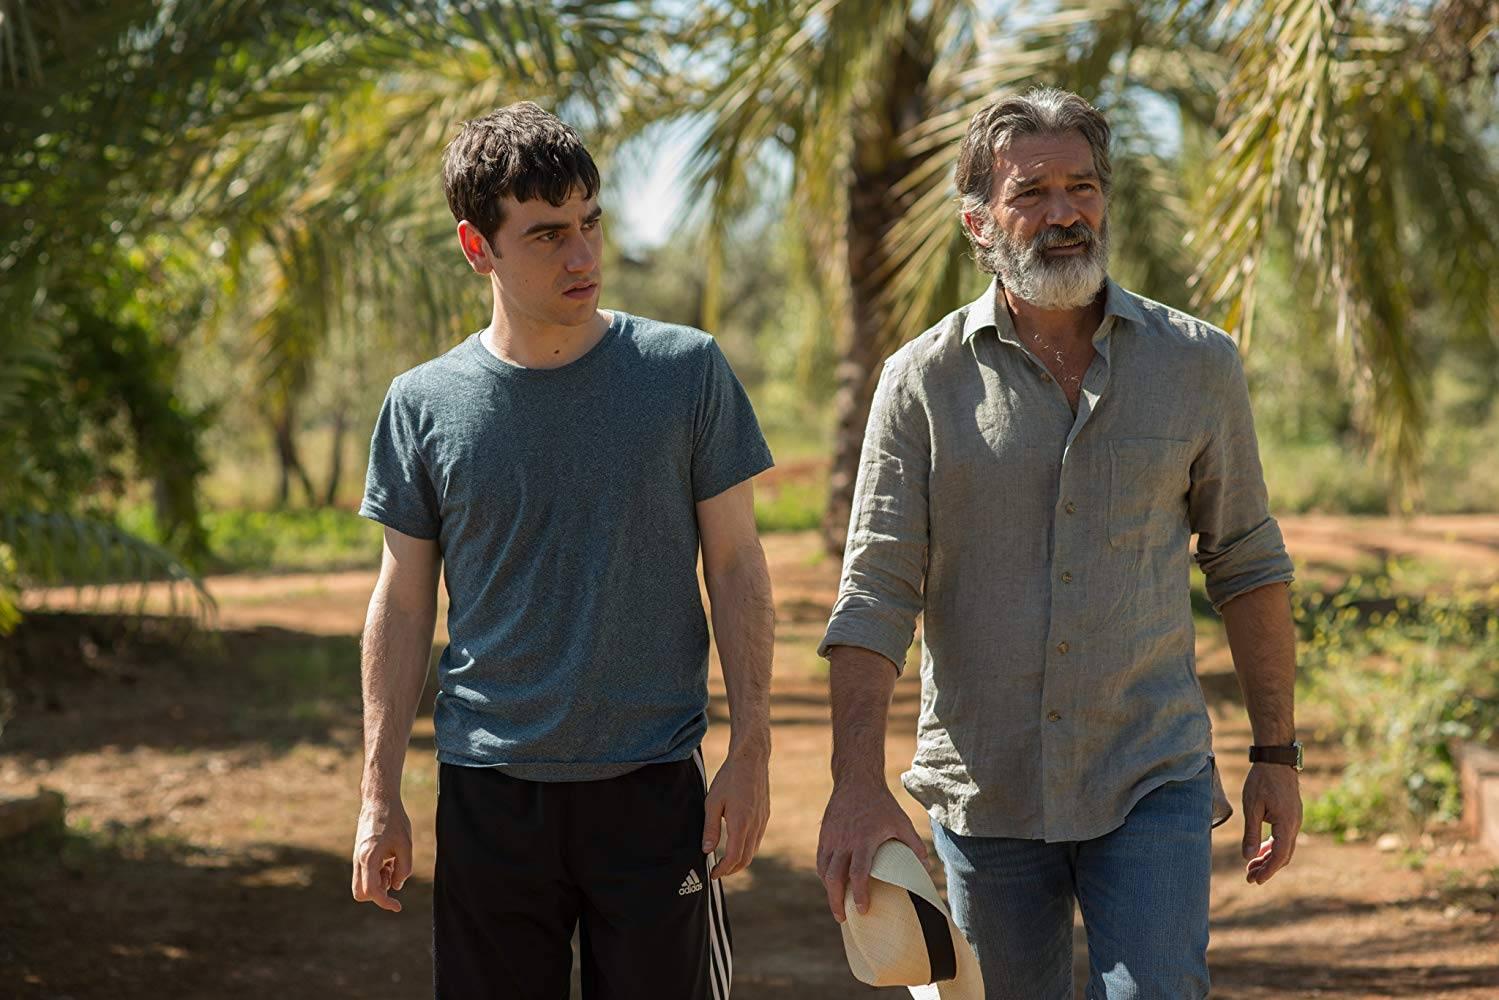 بازگشت آنتونیو باندارس با فیلم سینمایی «خود زندگی»